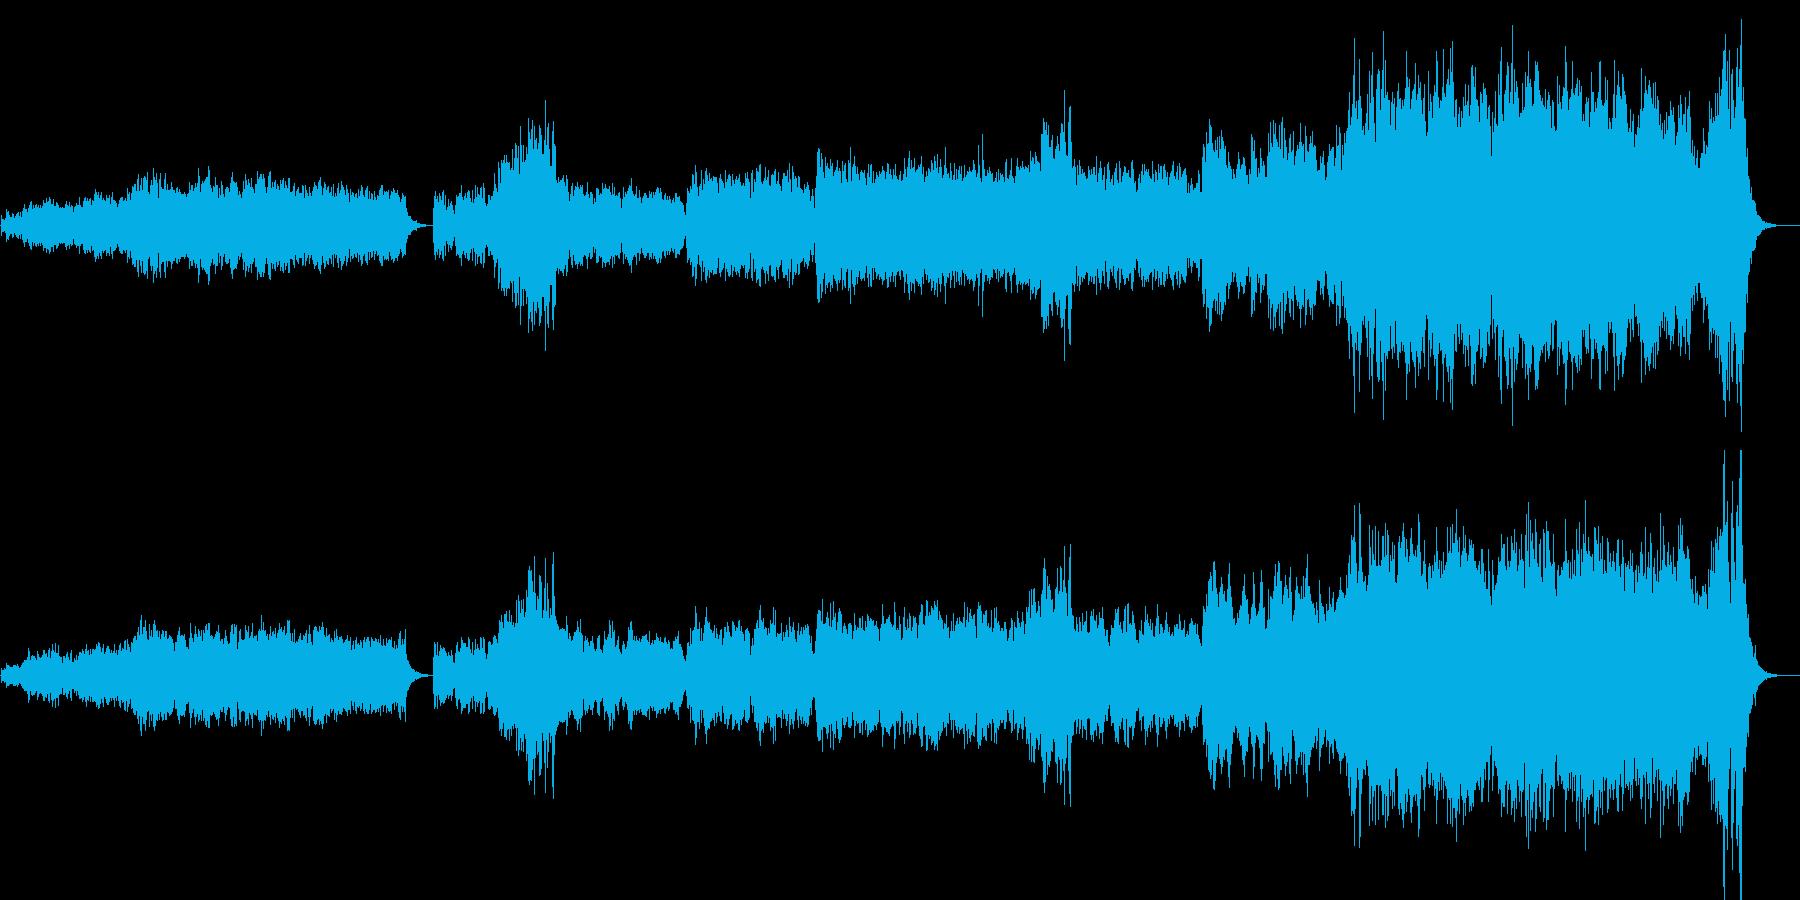 短調オリジナルオーケストラ楽曲の再生済みの波形